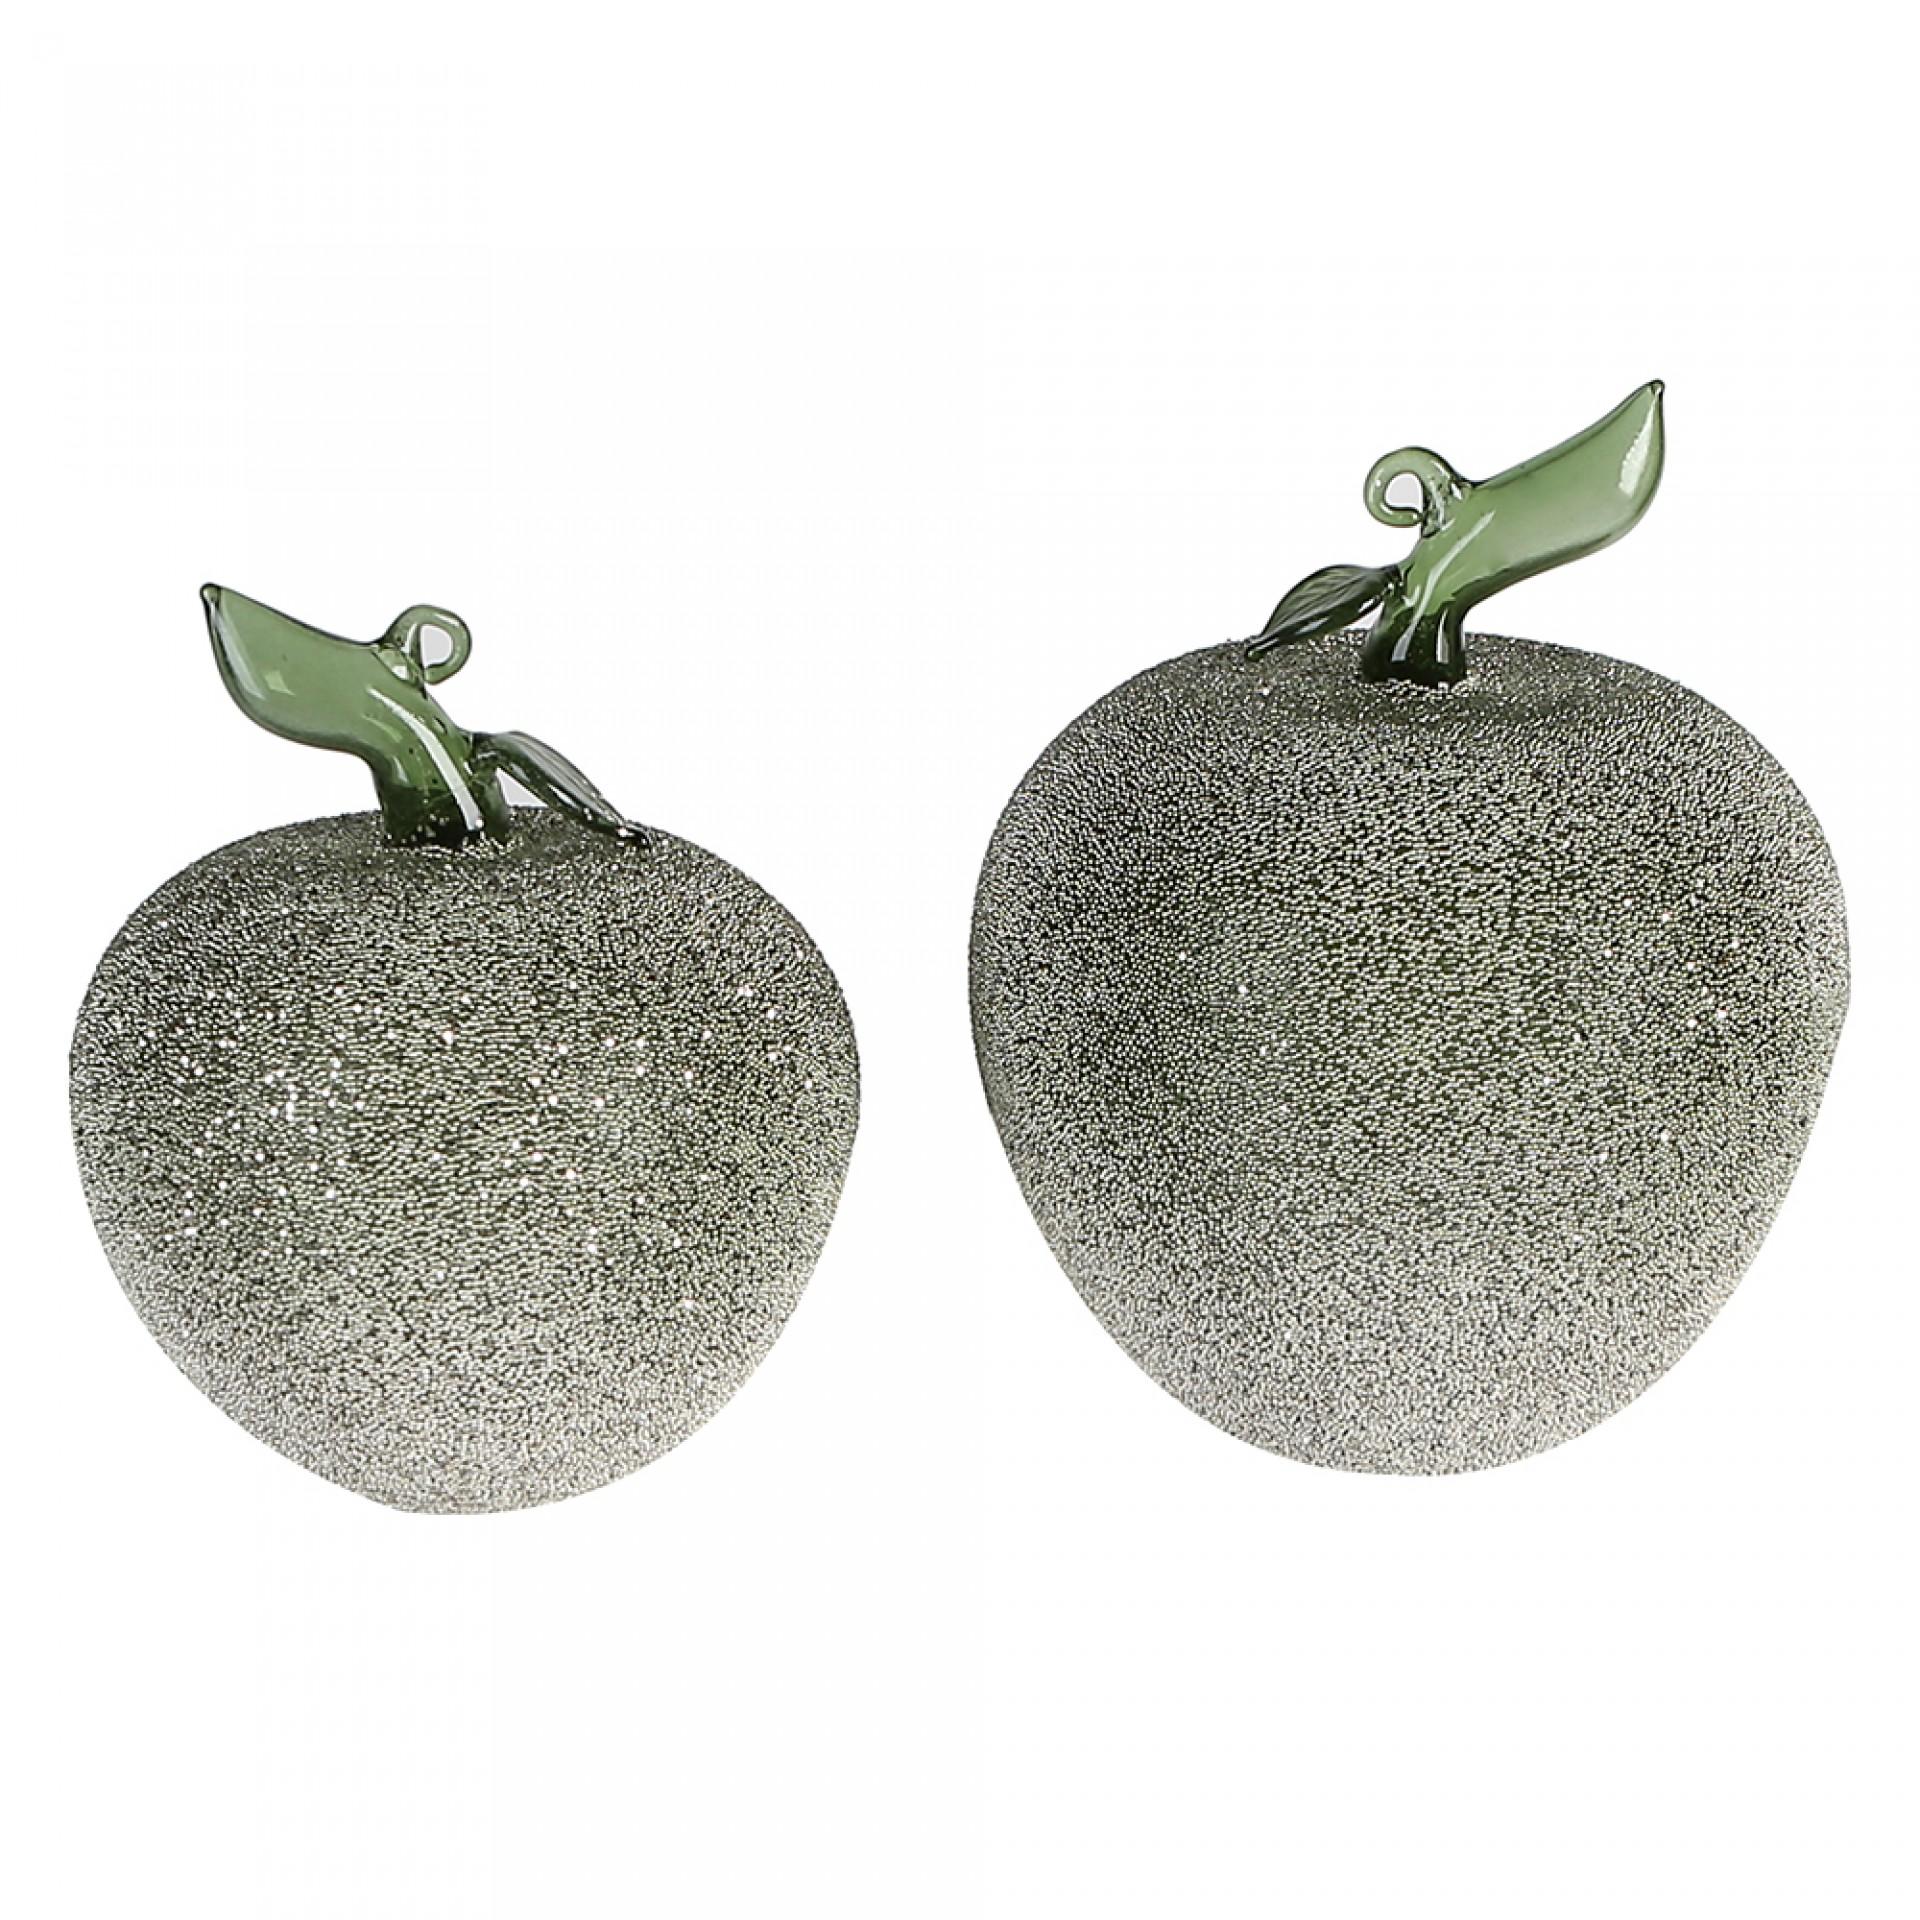 Dekorativní skleněné jablko Pearl, 13 cm